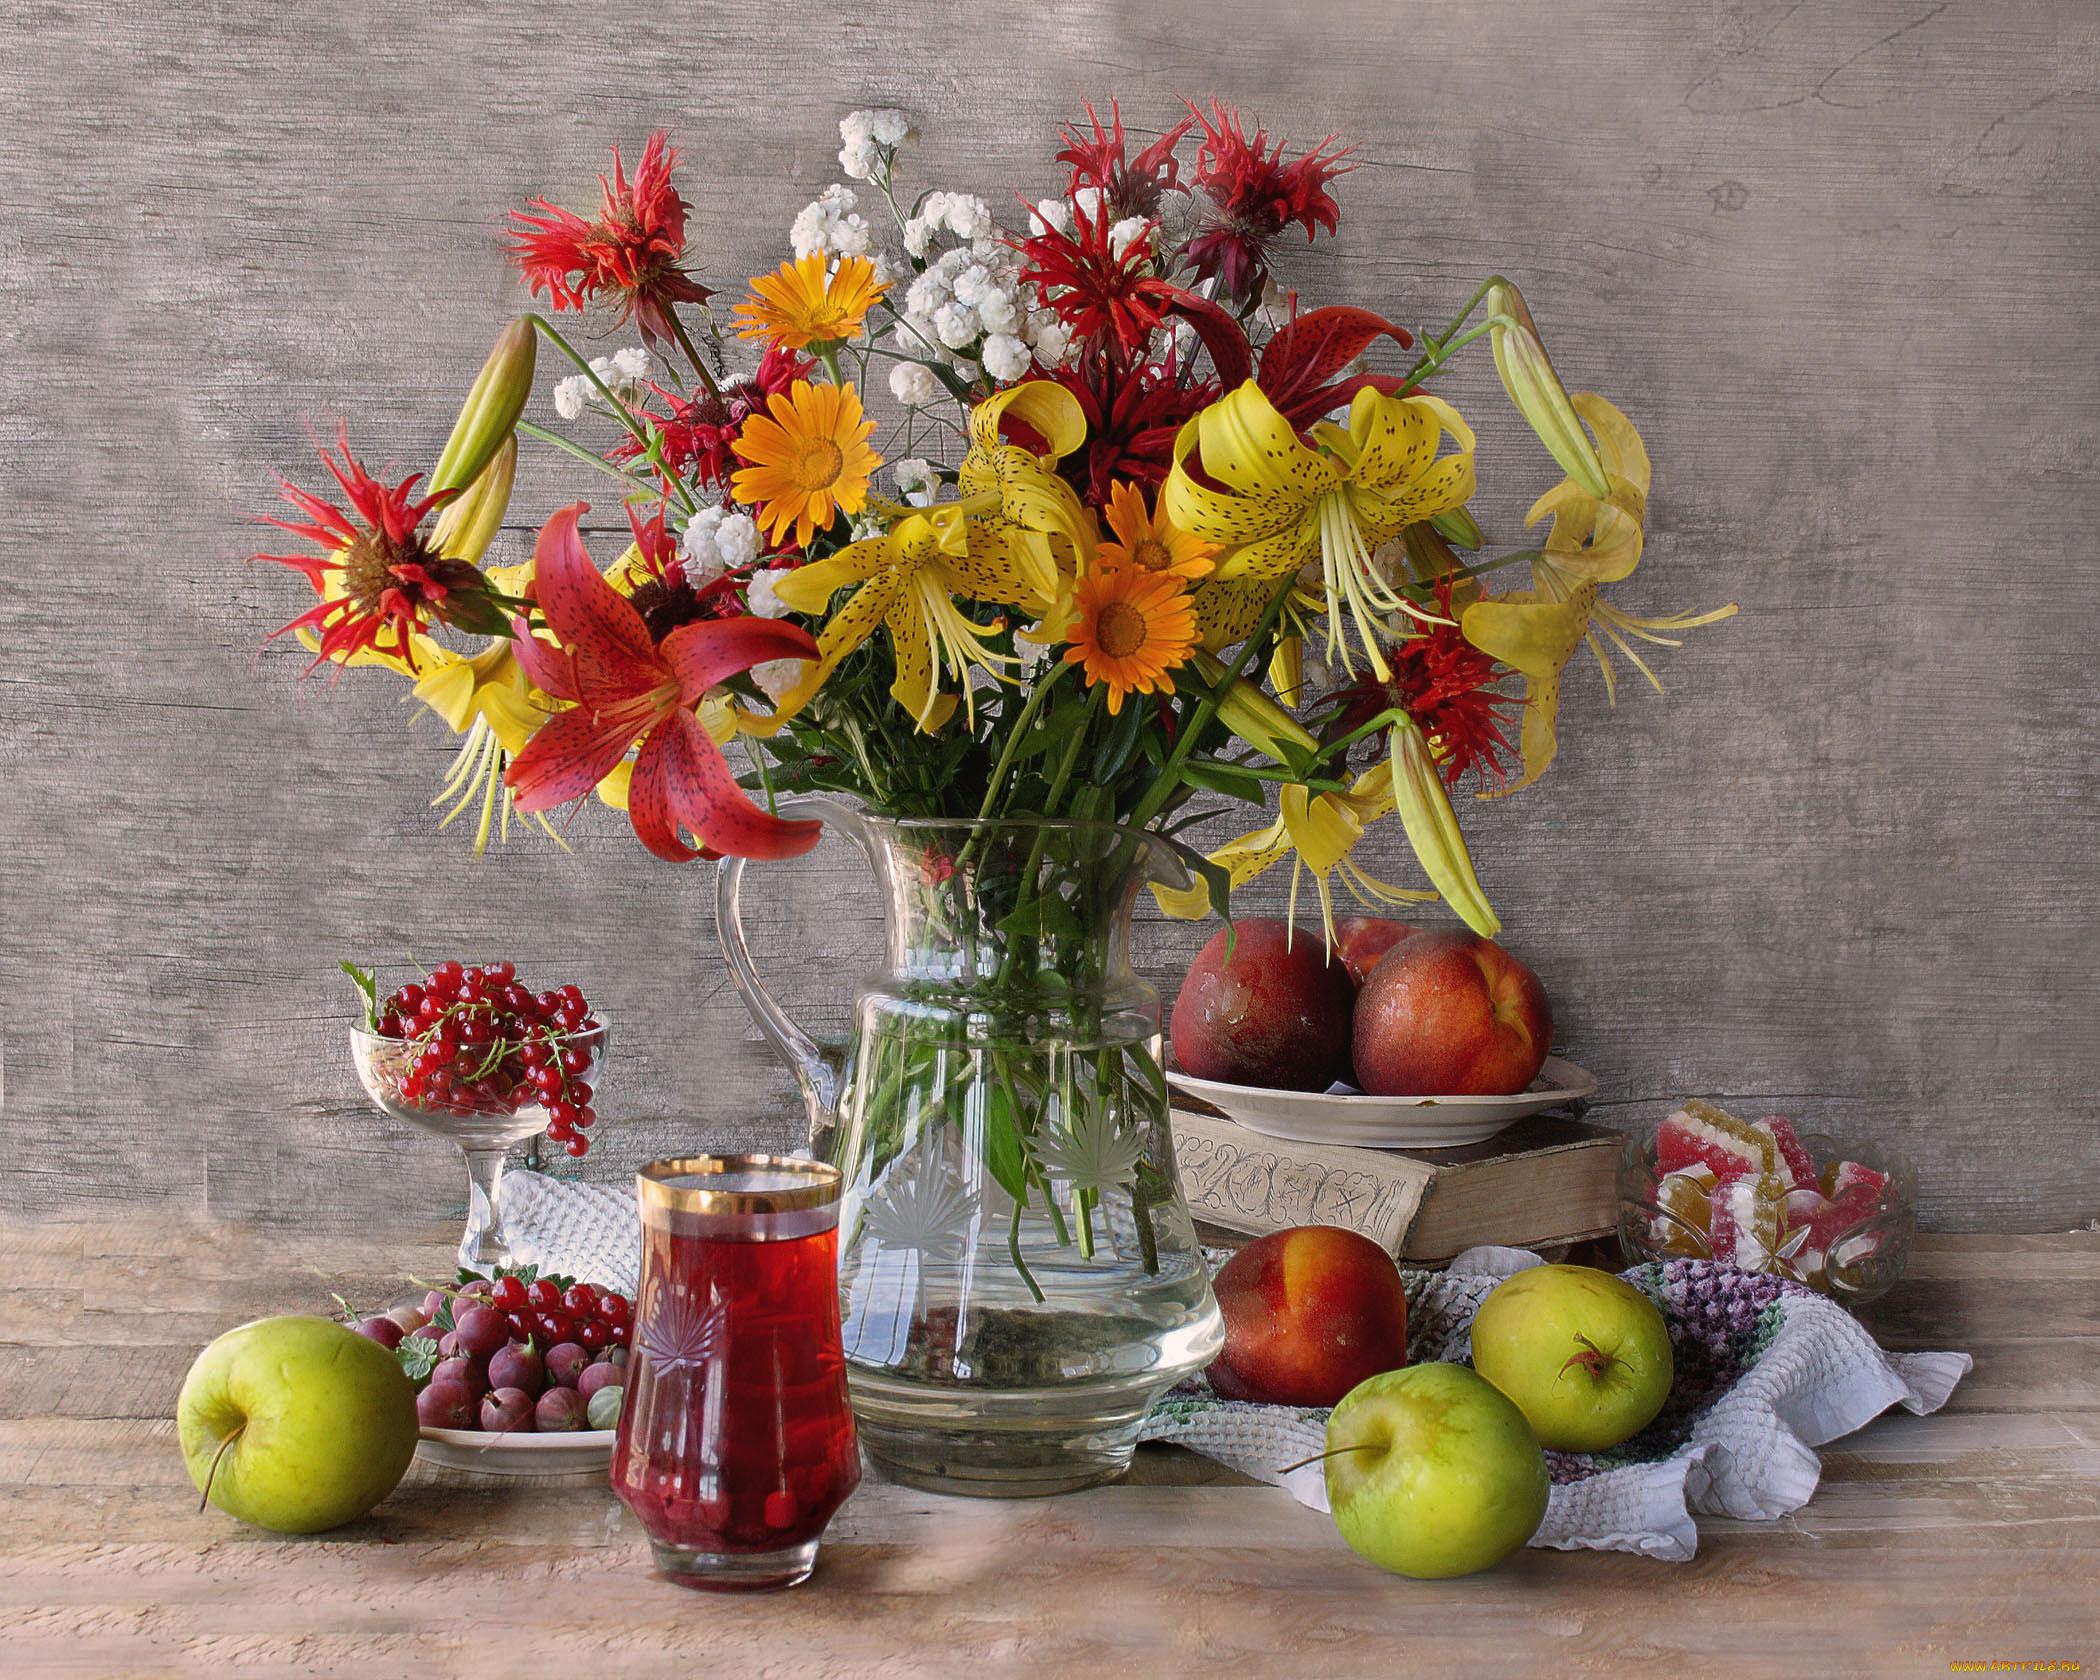 полностью натюрморт фото фрукты цветы родился